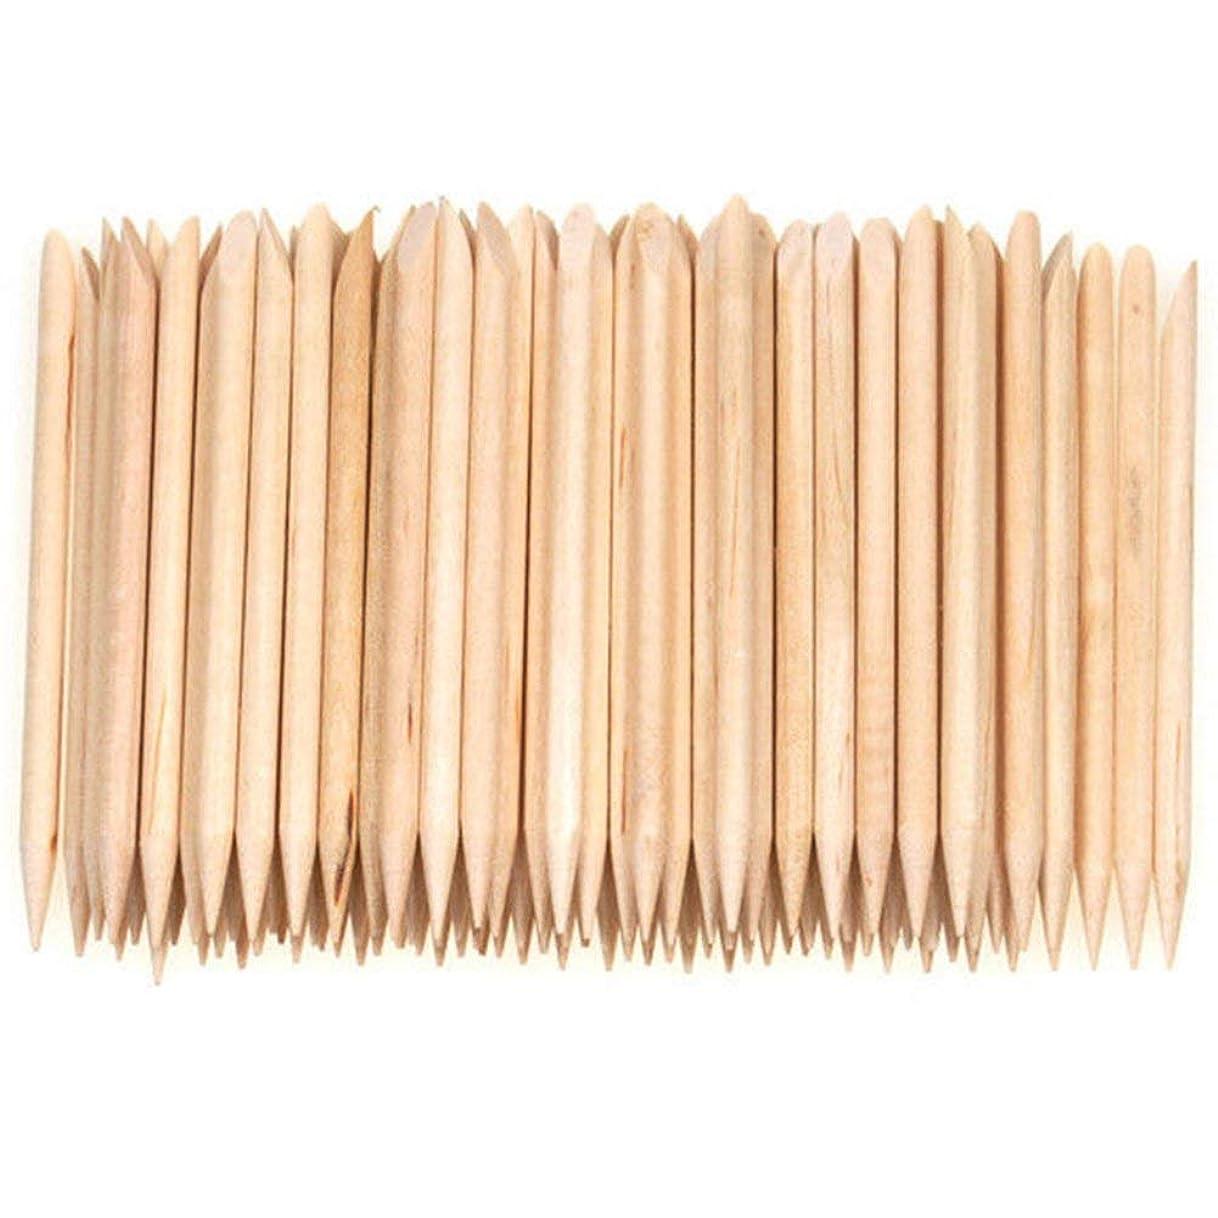 スマイル青写真利用可能Nrpfell 100個ネイルアートデザイン木製の棒キューティクルプッシャーリムーバーマニキュアケア